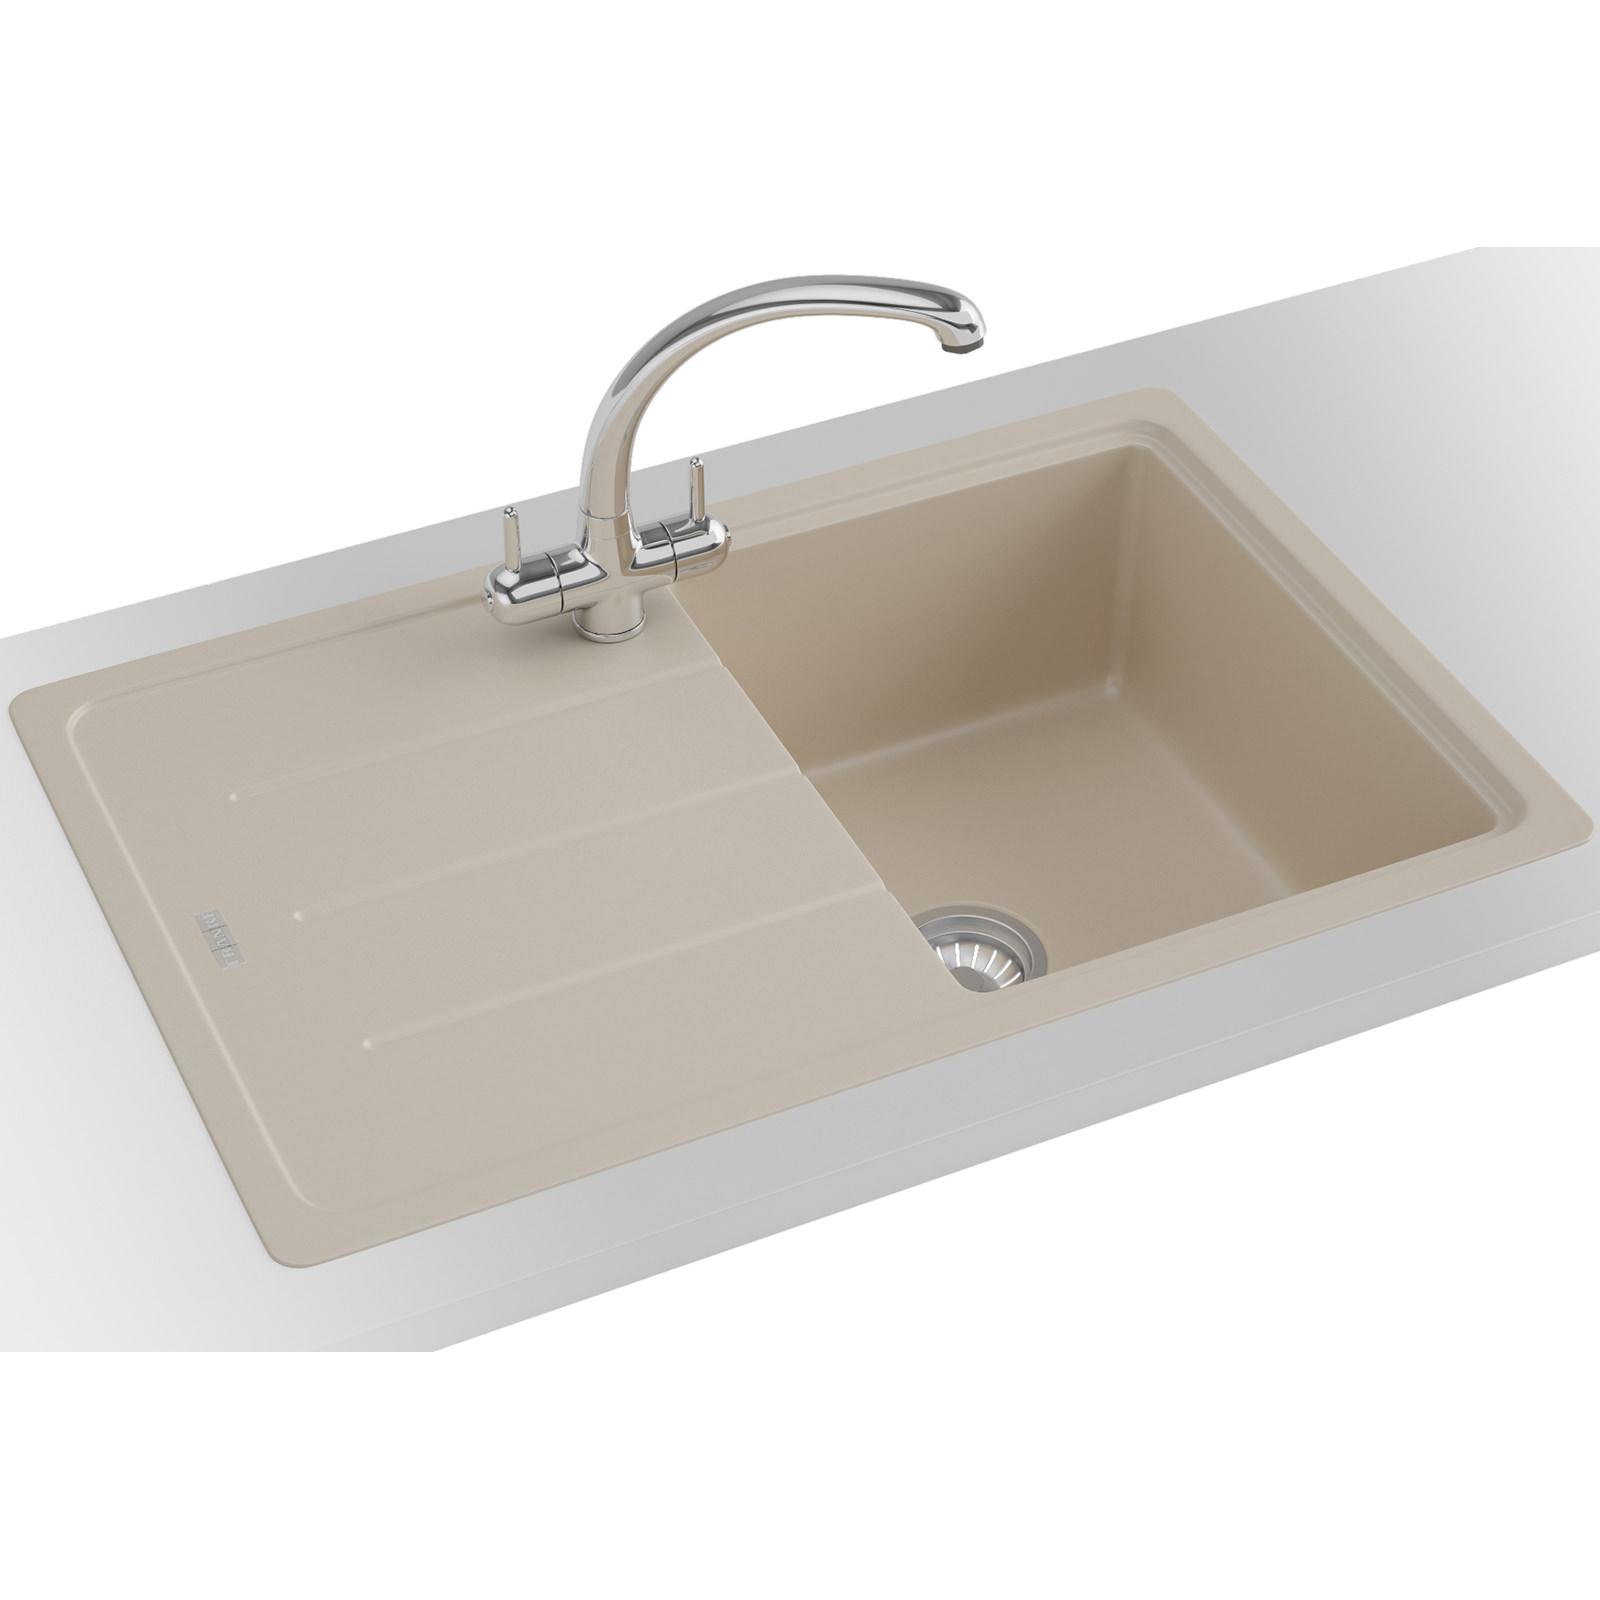 Franke Fragranite Sink Review : Franke Basis Propack BFG 611-780 Fragranite Coffee Kitchen Sink And ...